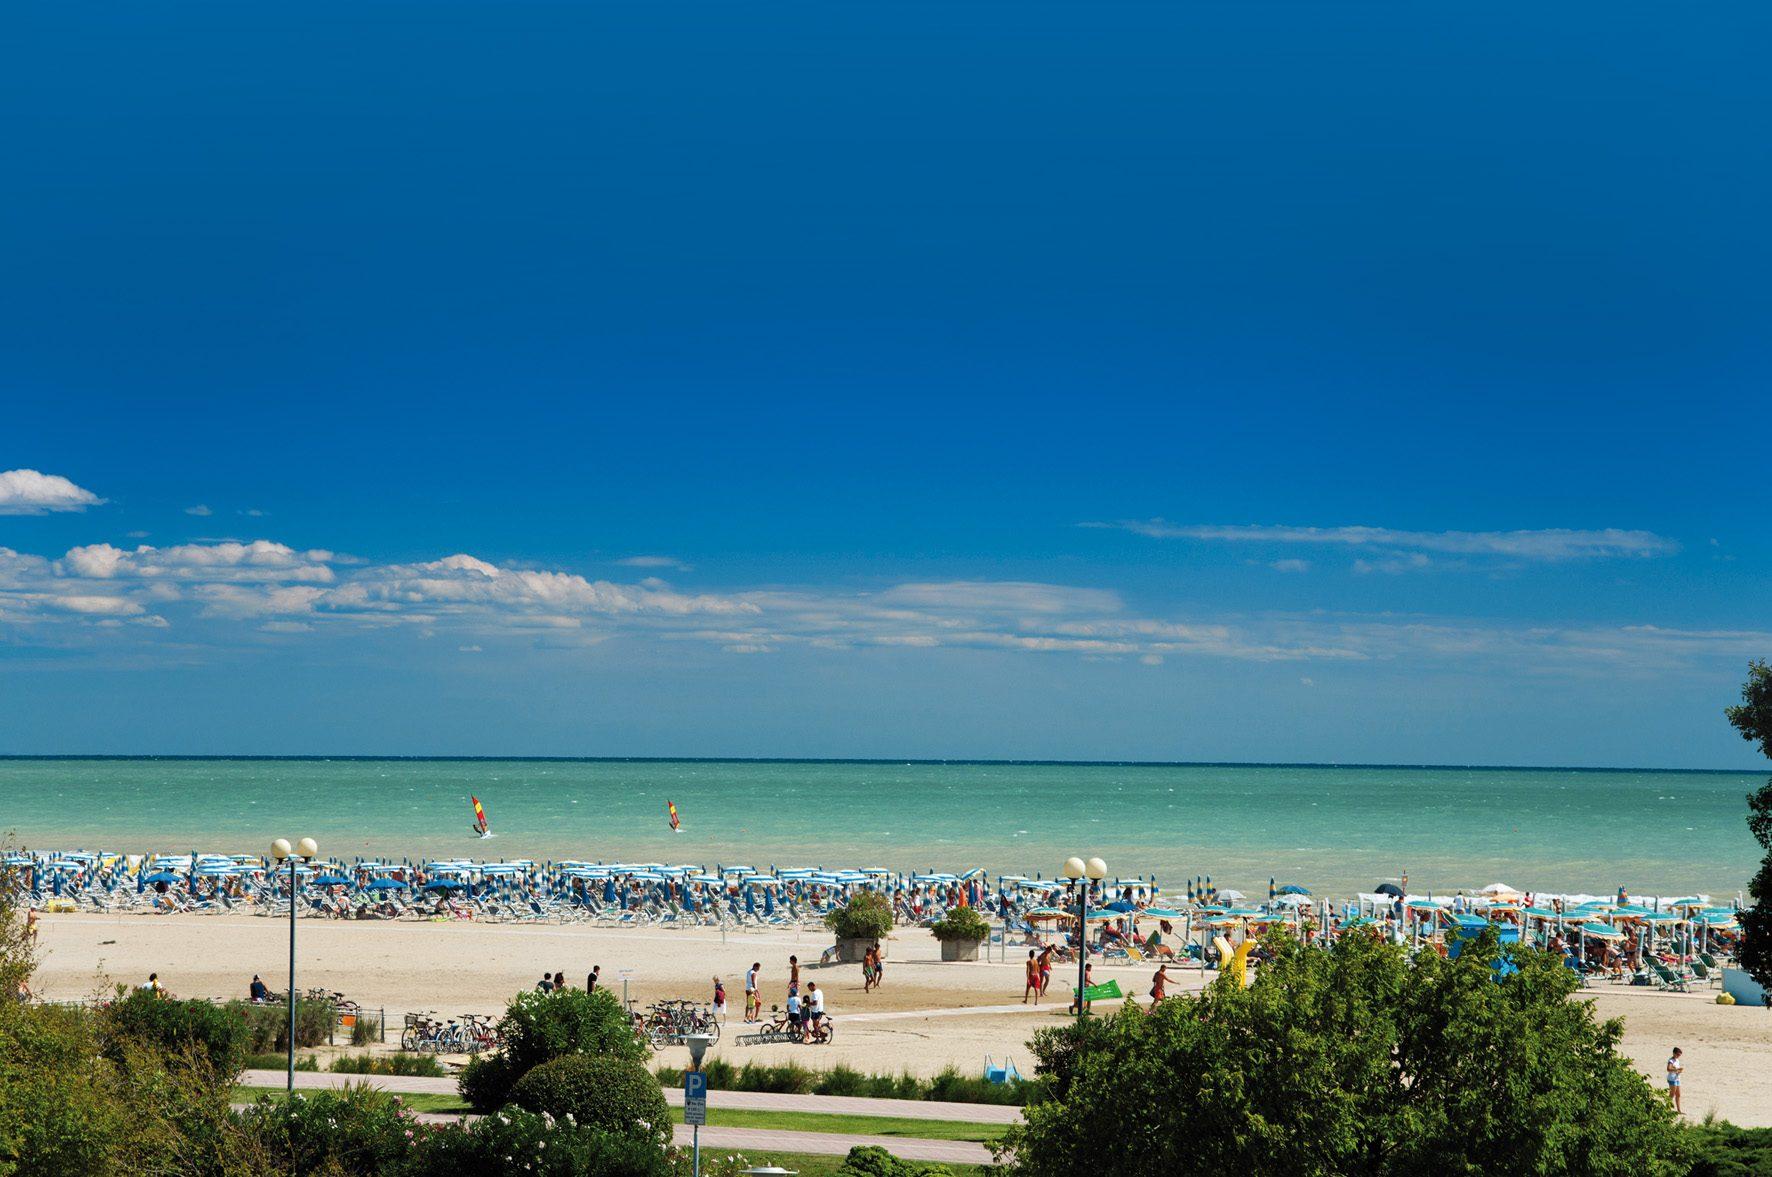 Matrimonio Spiaggia Bibione : Spiagge di bibione veneto: spiagge italiane su trovaspiagge.it